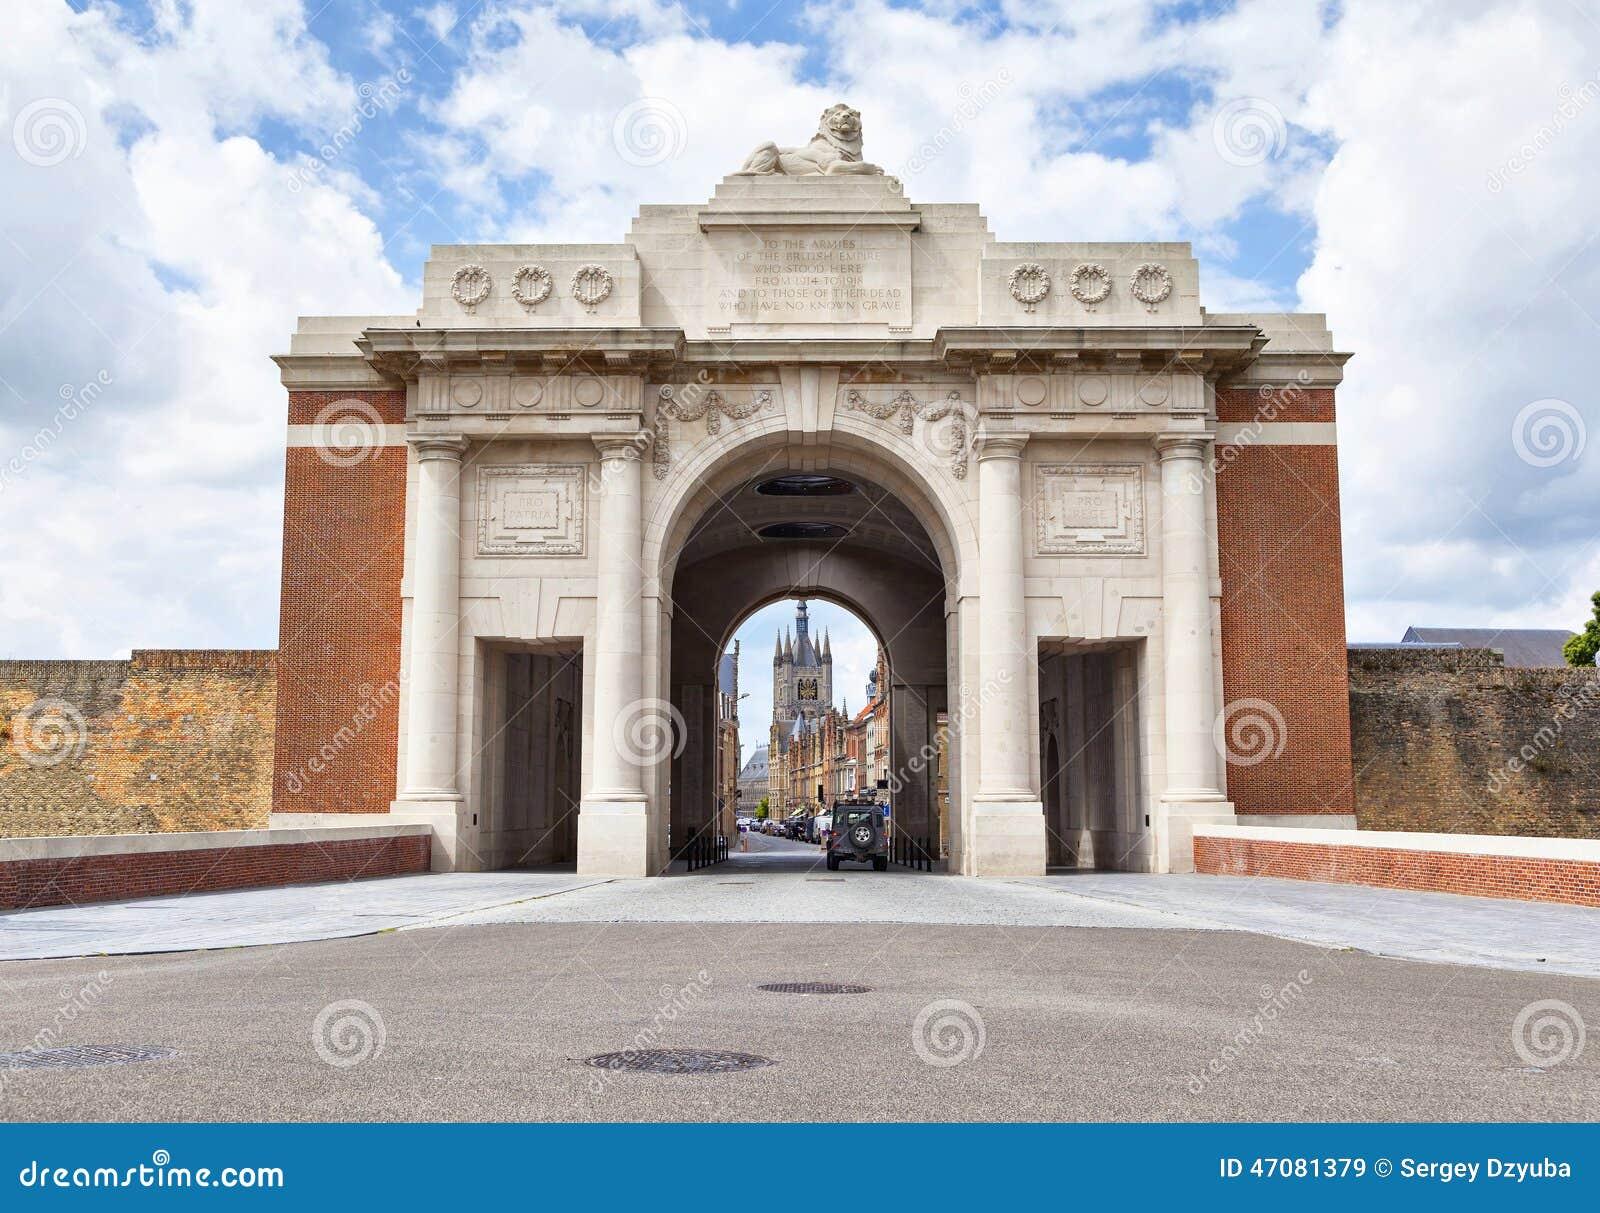 Menin-Tor - Denkmal des Ersten Weltkrieges in Ypres